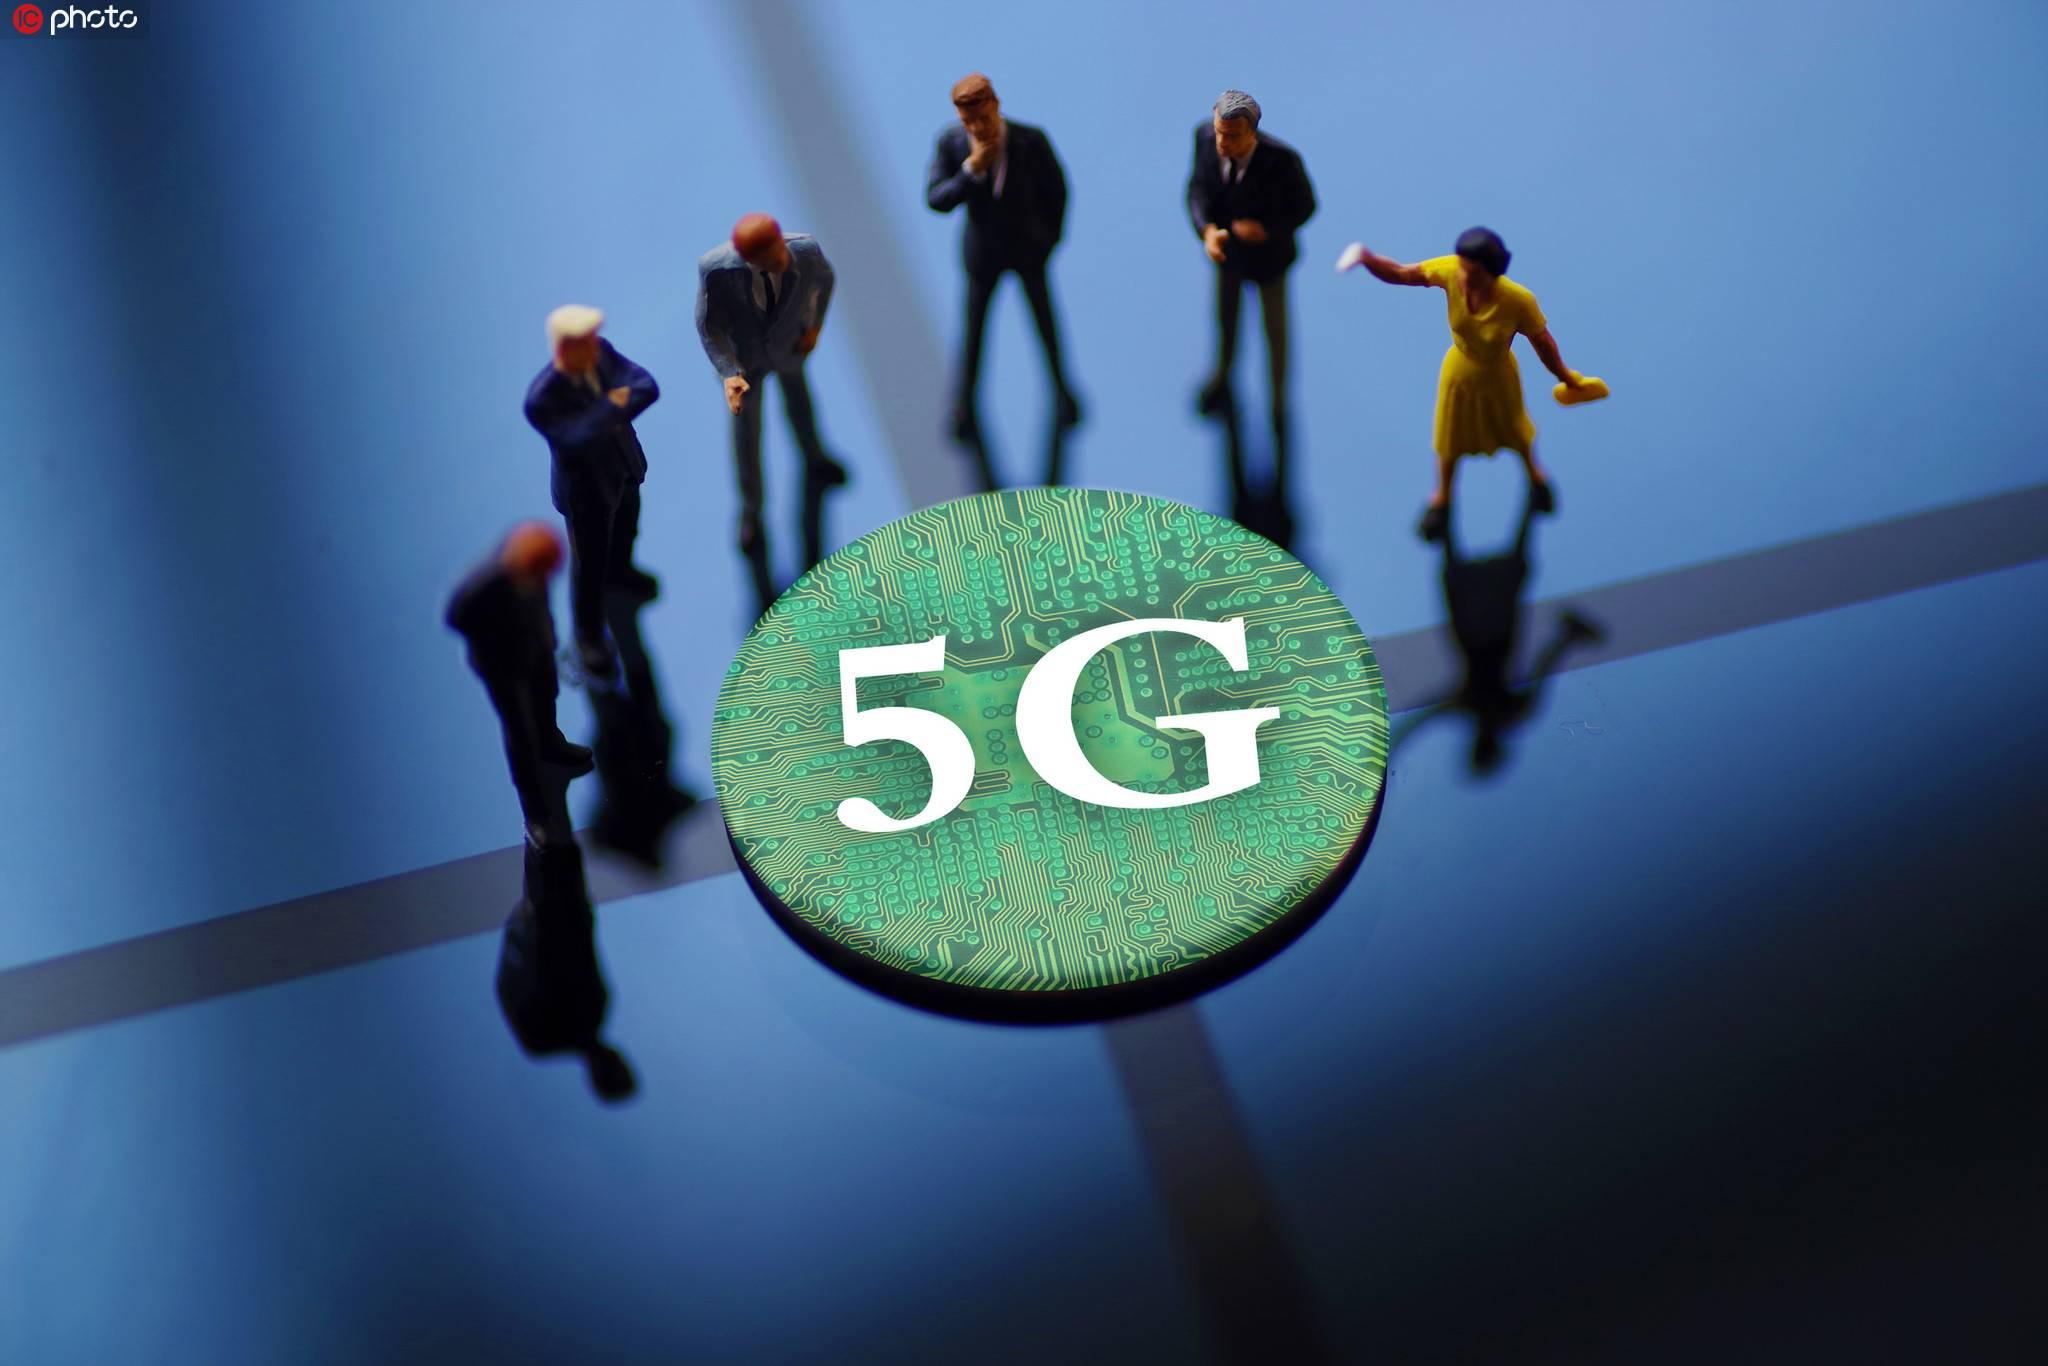 5G,5G,数据应用,信息数据链,末端配送,物流园区,自动驾驶